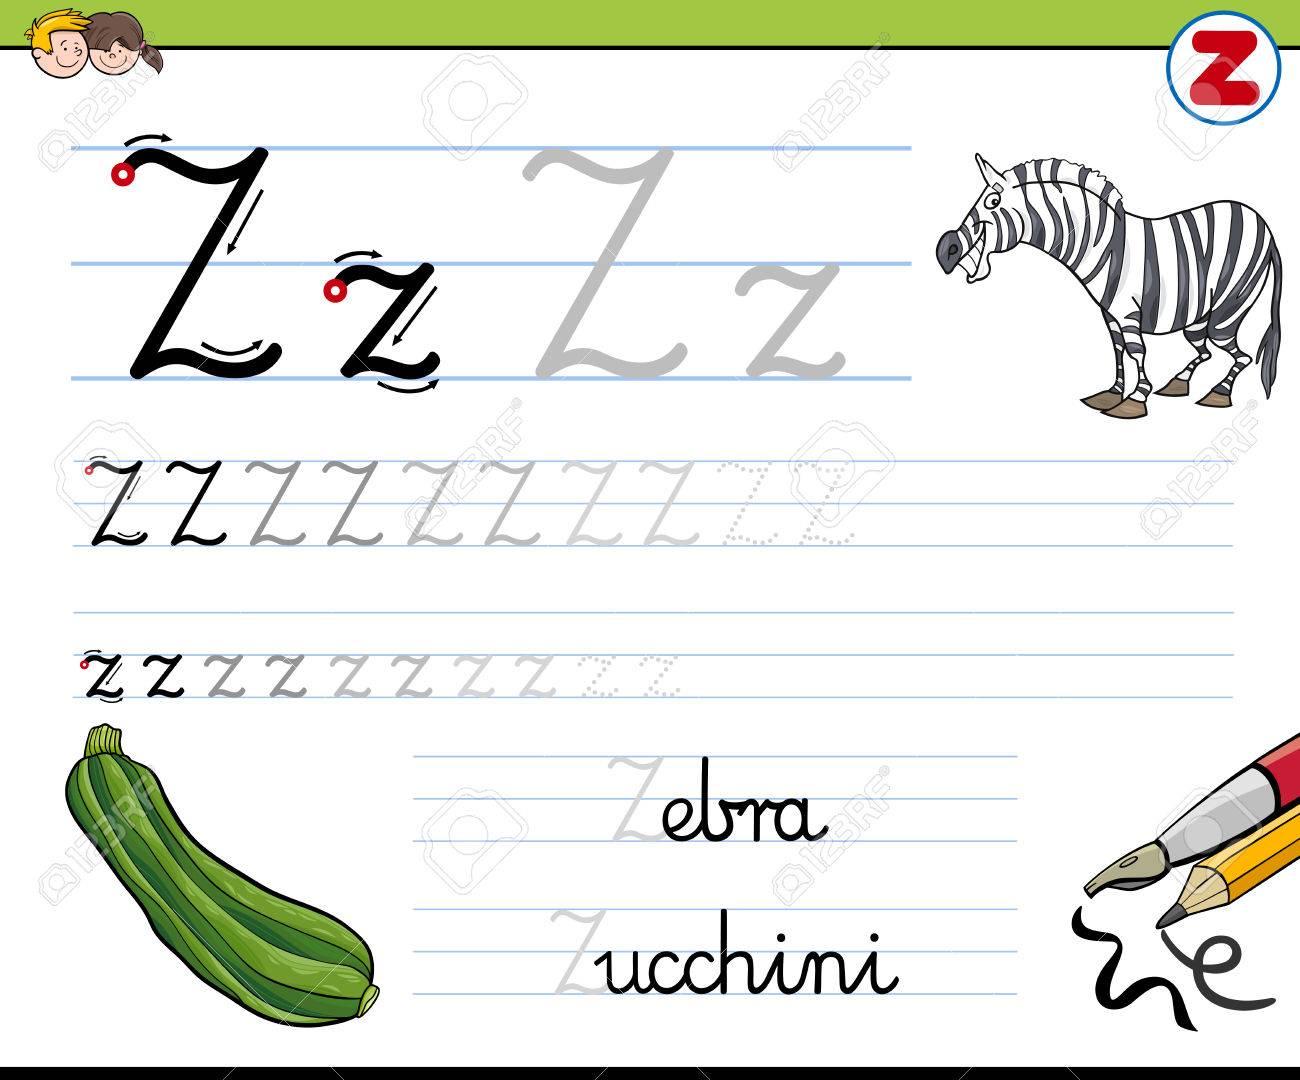 Cartoon Illustration Von Writing Skills Praxis Mit Letter Z ...